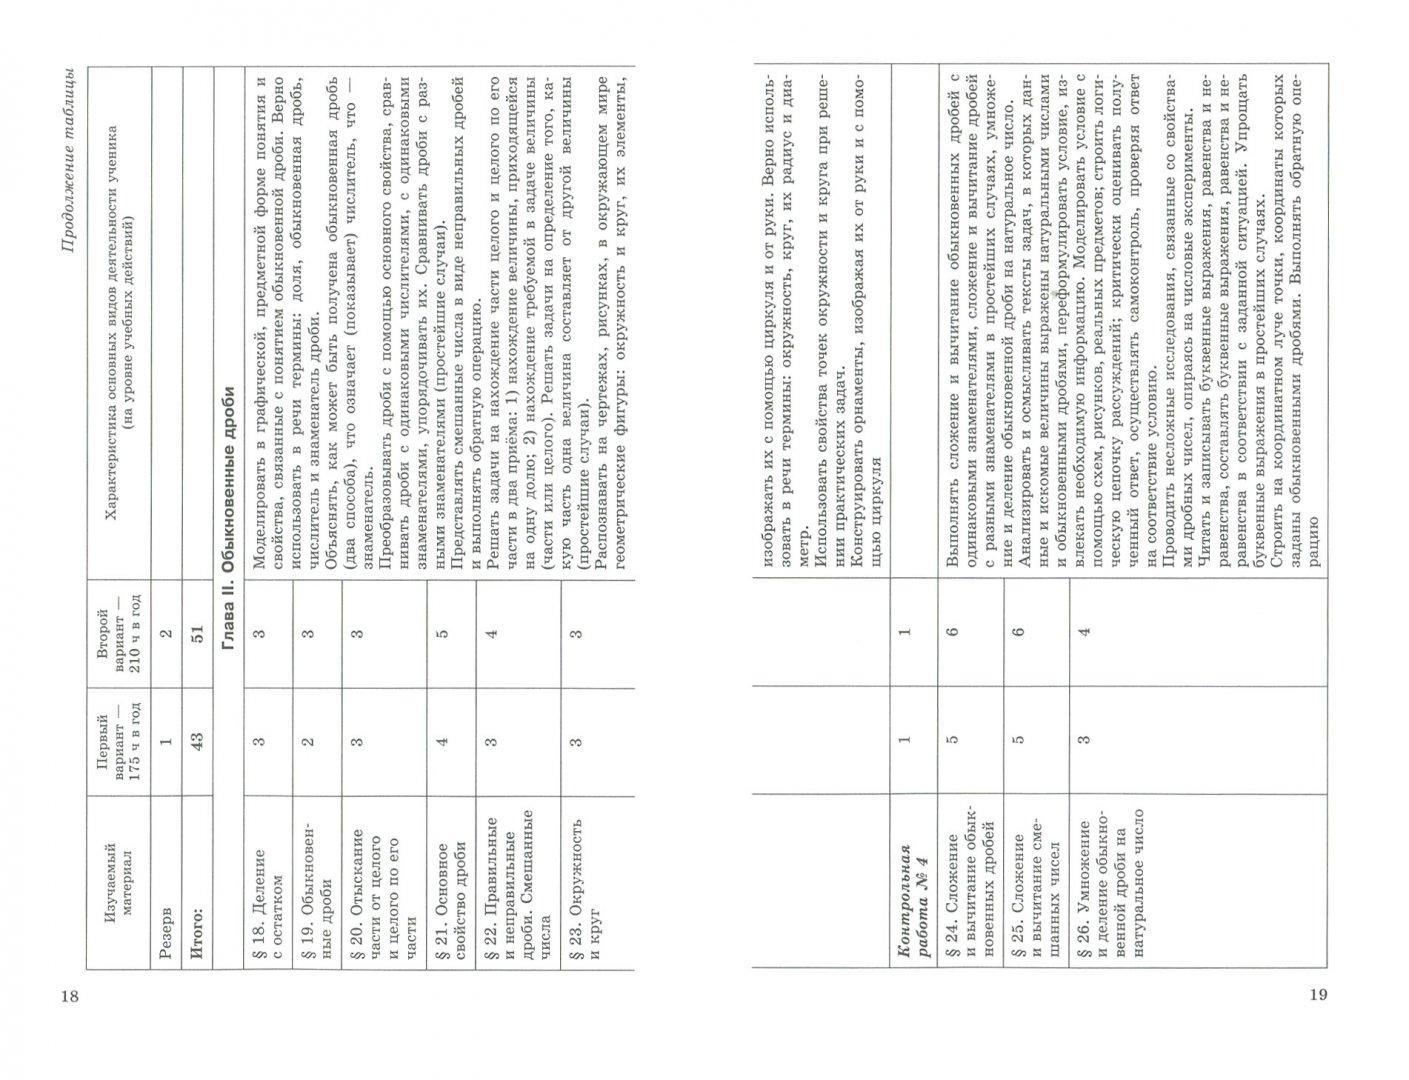 Иллюстрация 1 из 5 для Математика. 5-6 классы. Рабочая программа. ФГОС - Зубарева, Борткевич | Лабиринт - книги. Источник: Лабиринт